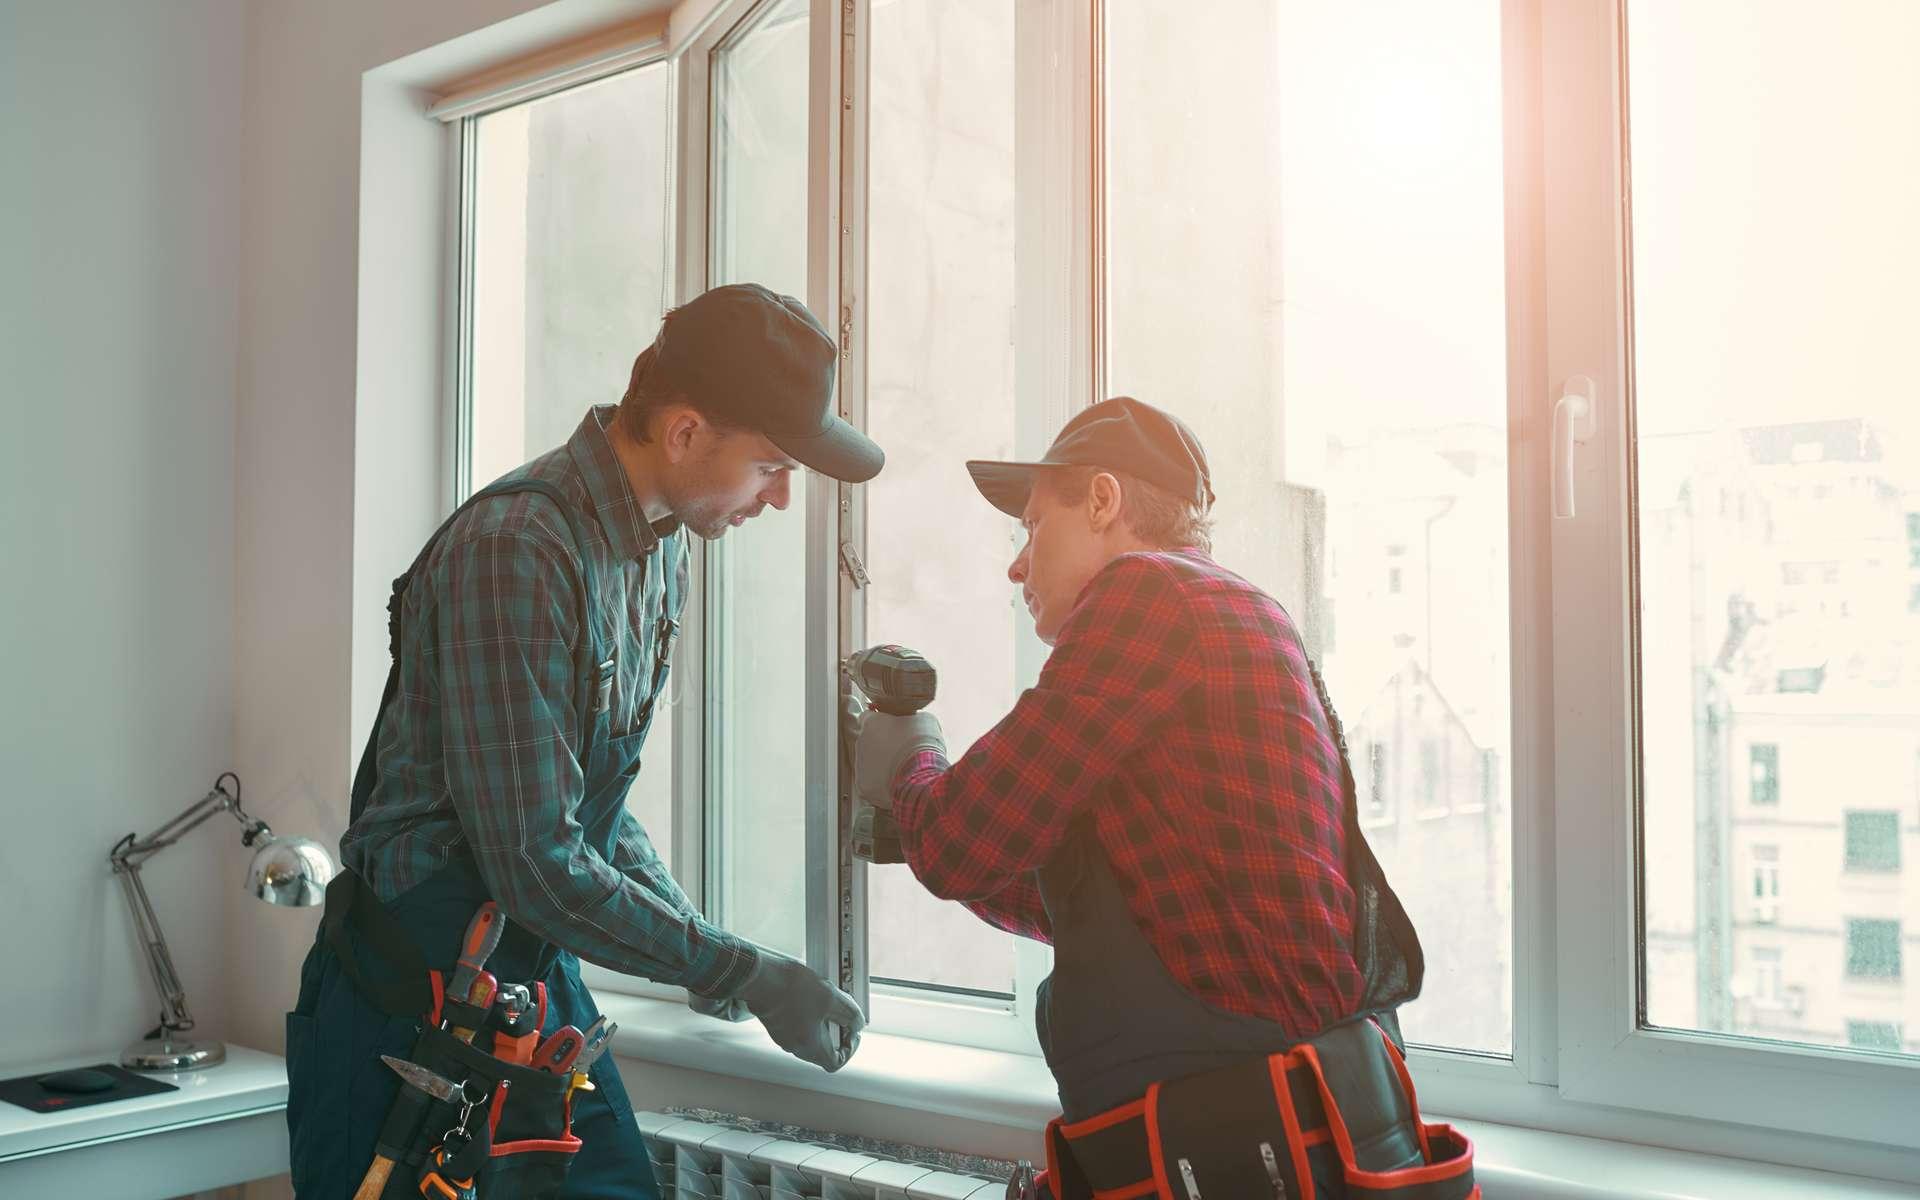 Découvrez le tarif de pose d'une fenêtre PVC © Friends Stock, Adobe Stock.